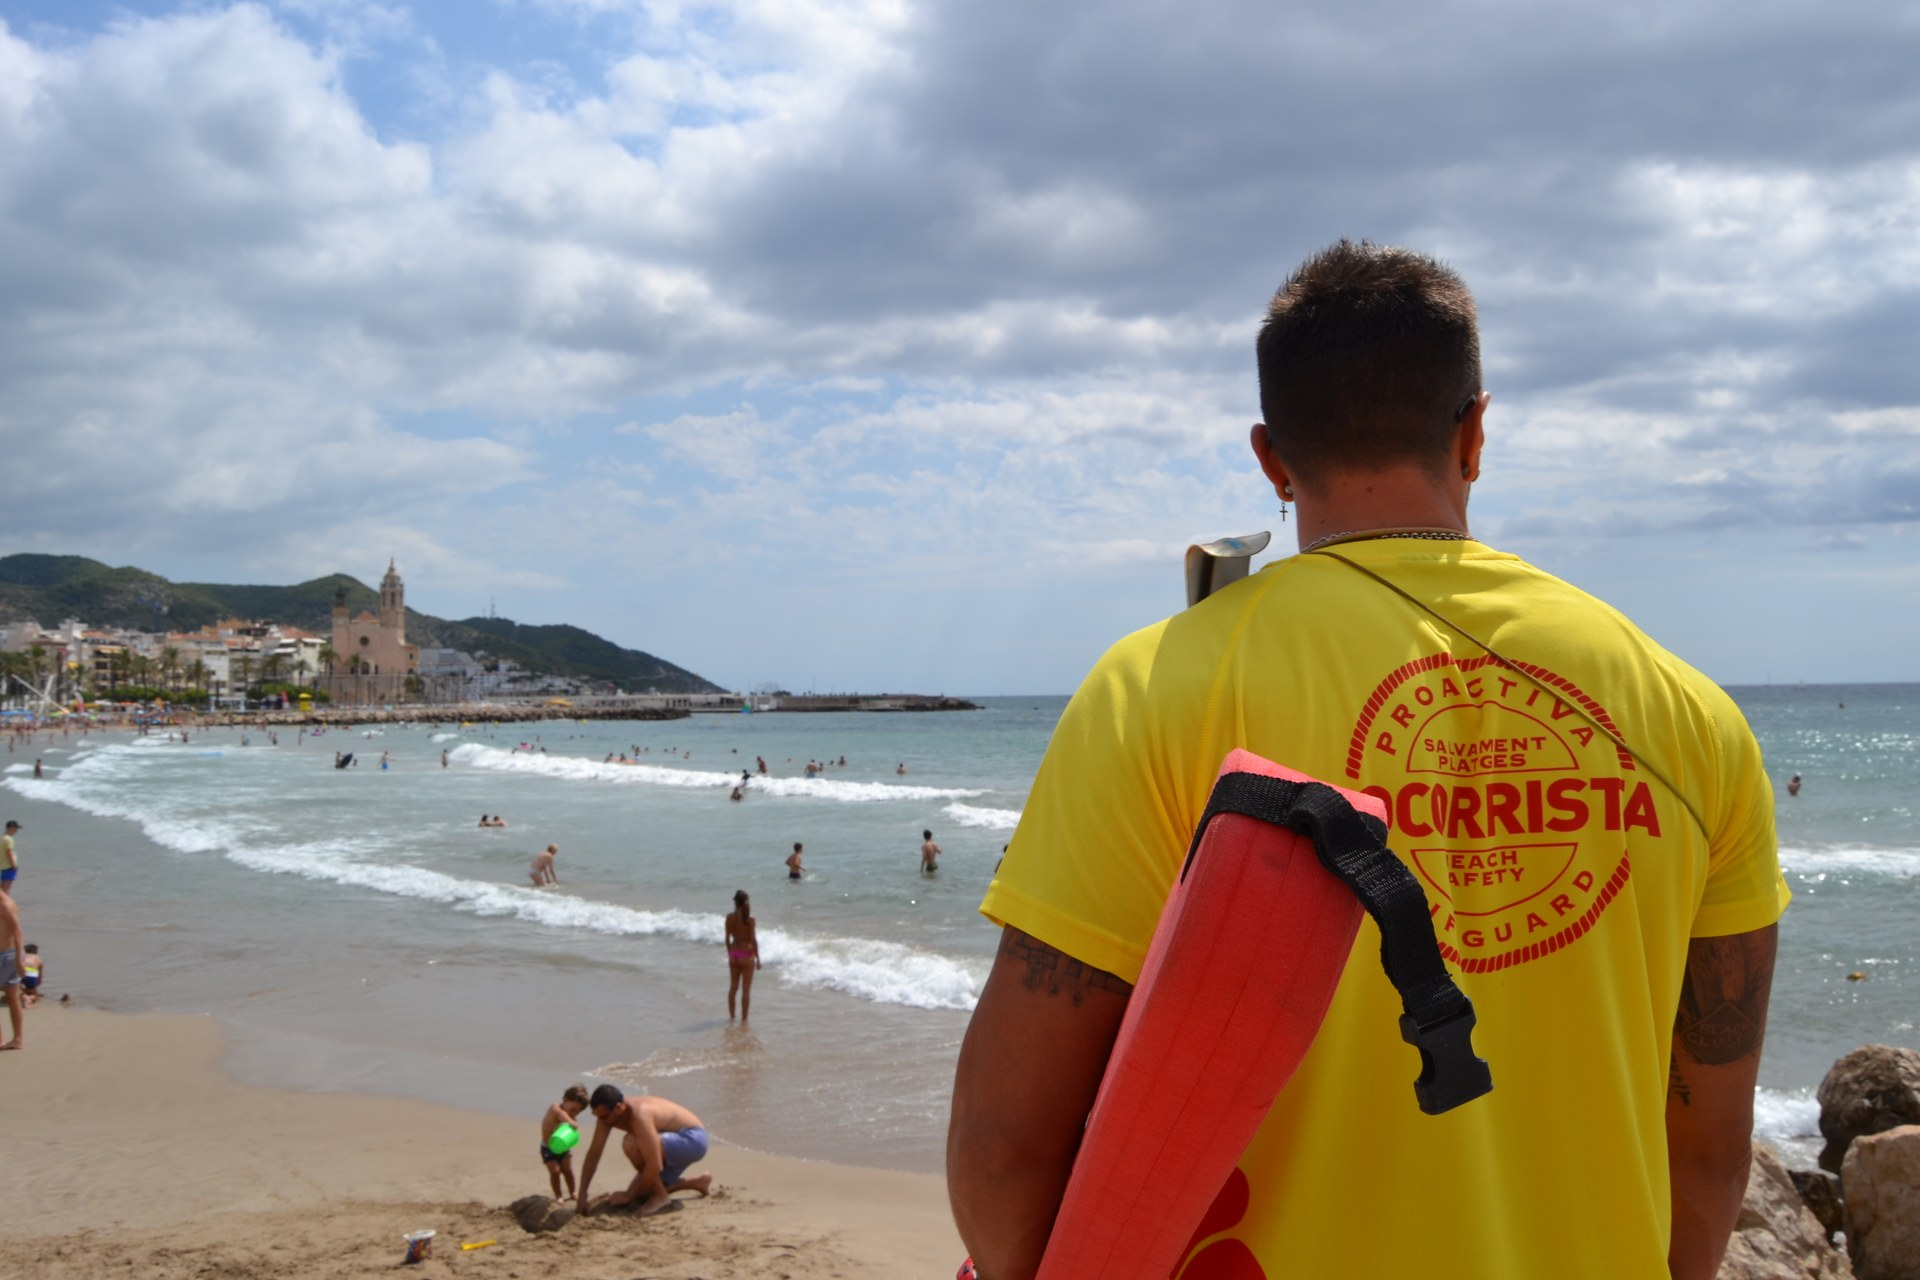 Les platges de Sitges tanquen la temporada d'estiu amb una disminució d'incidències greus